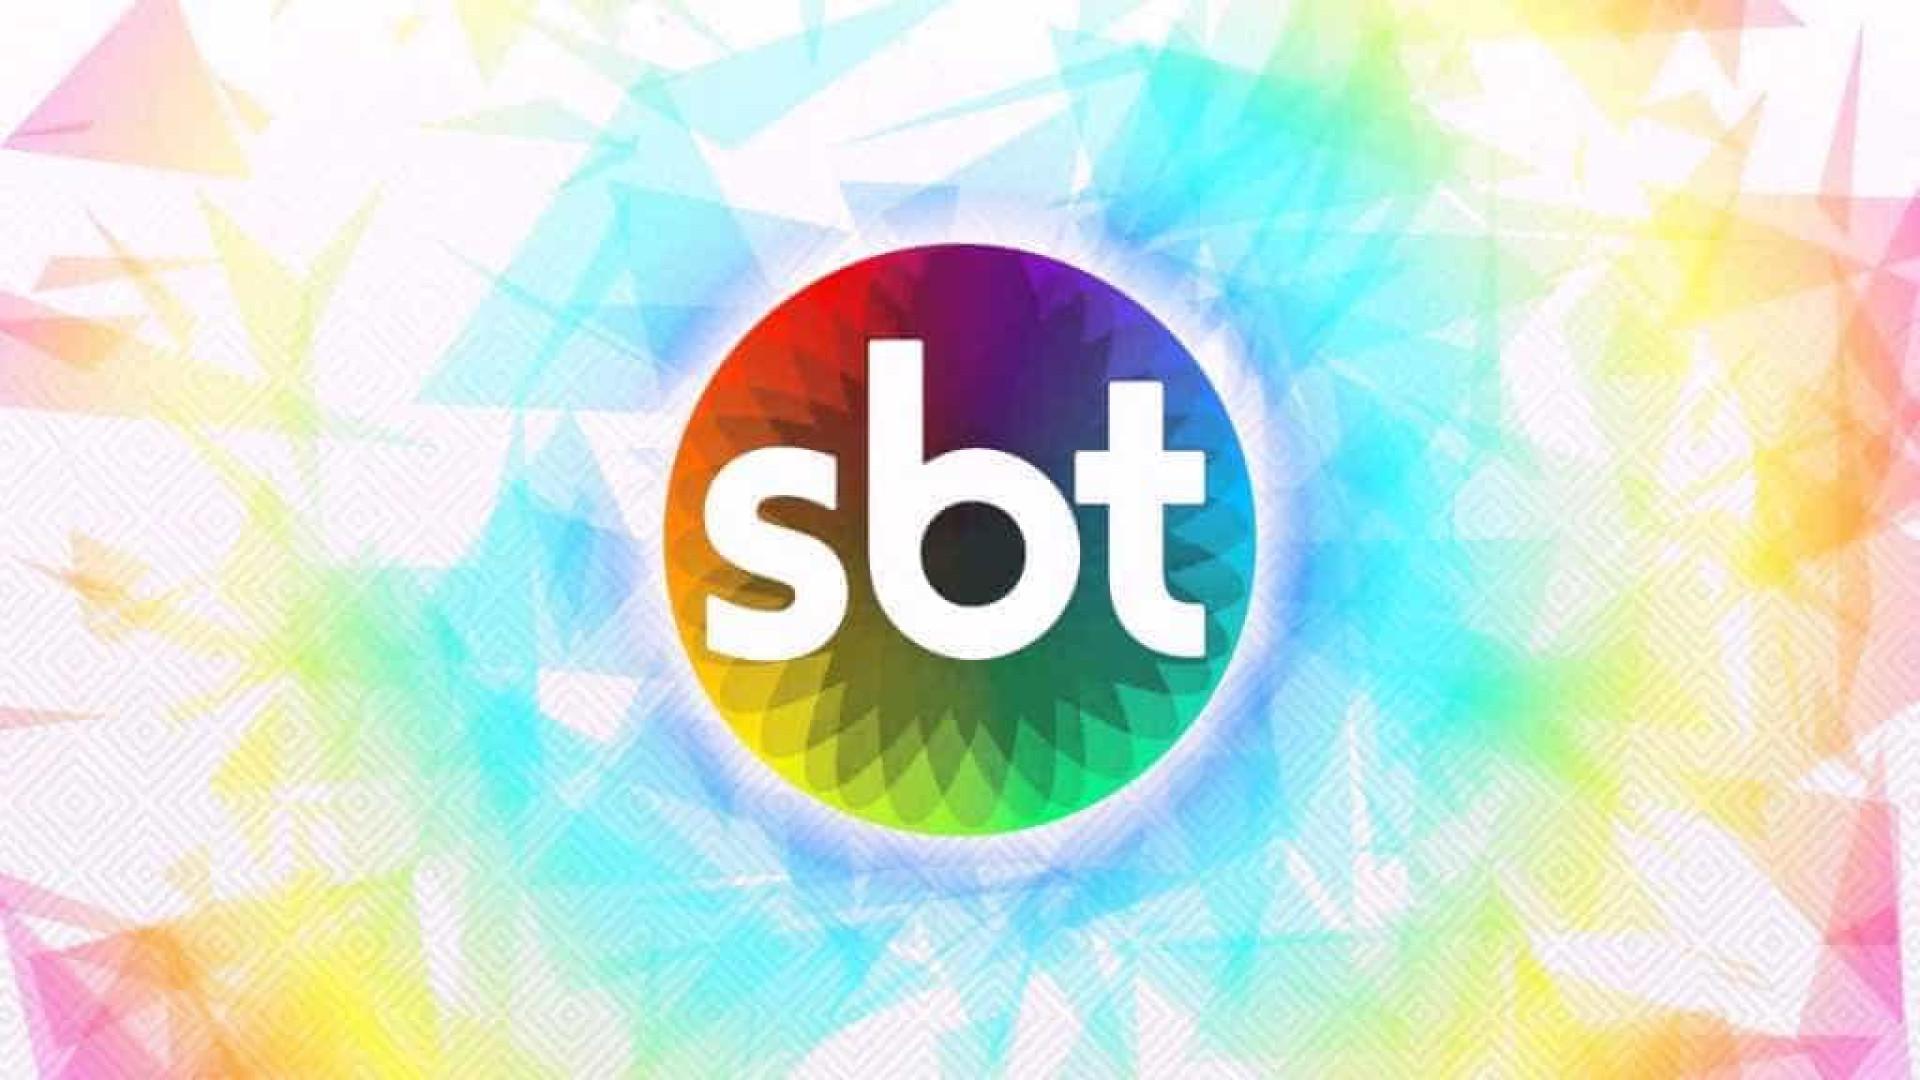 SBT planeja demissão histórica de 100 funcionários na próxima semana